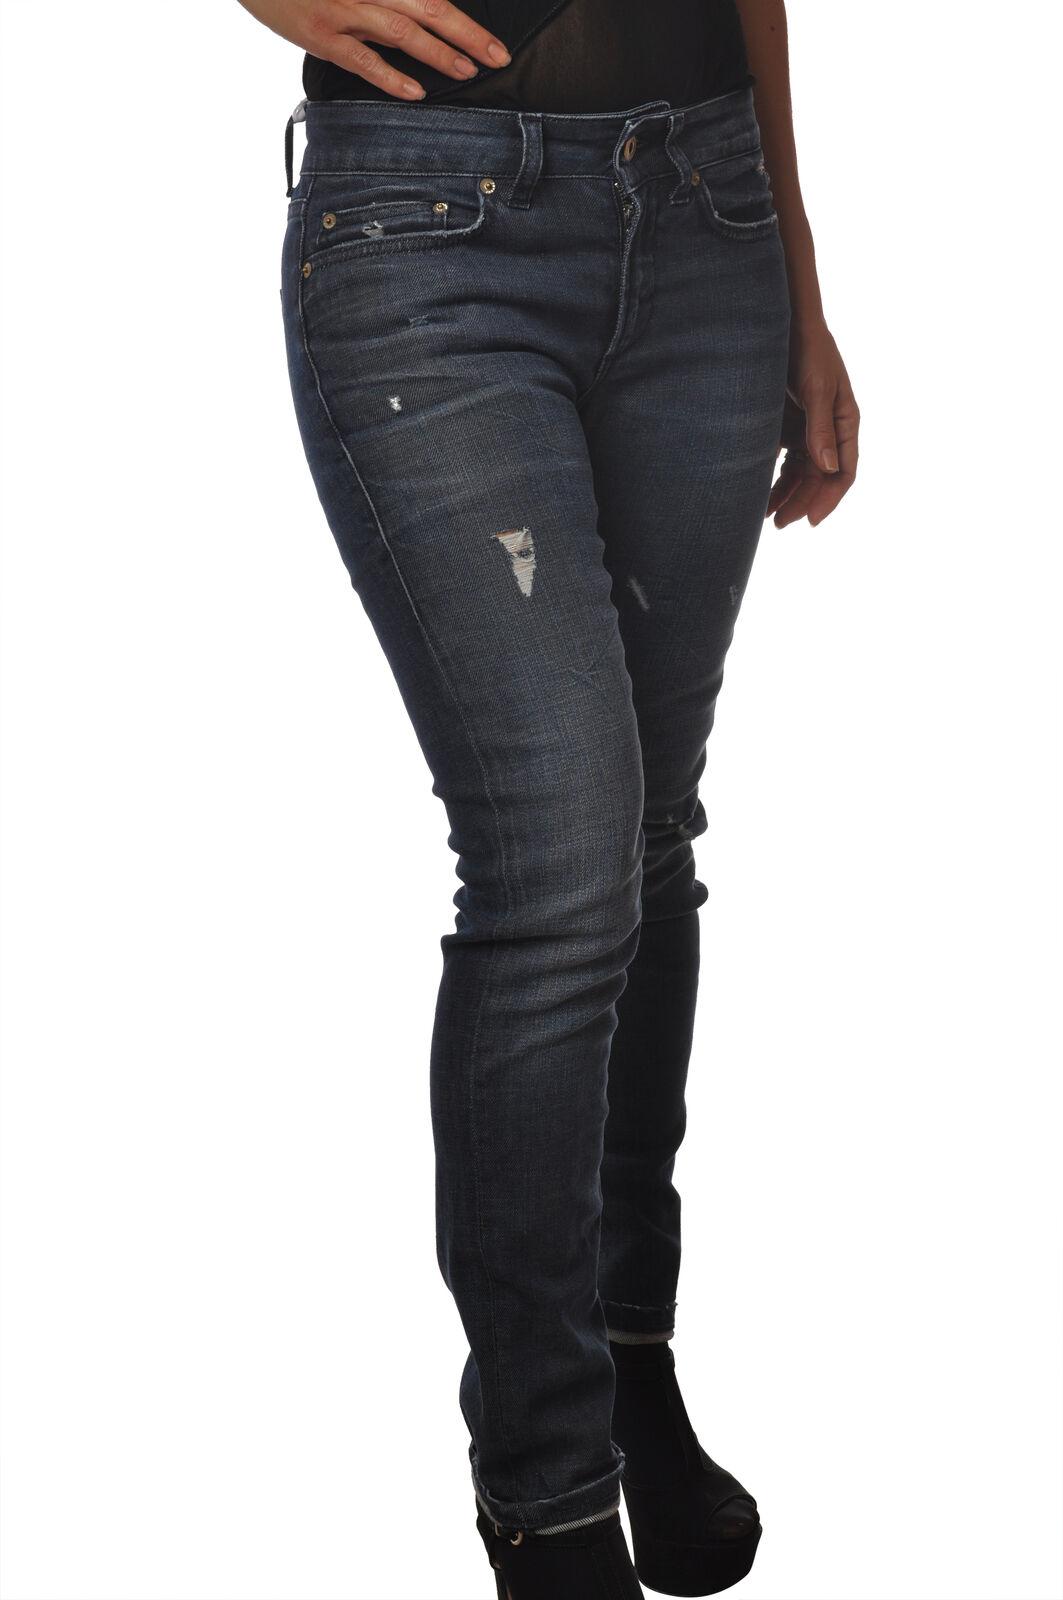 Dondup - Jeans-Hose, slim fit - Frau - Denim - 5443409C191521